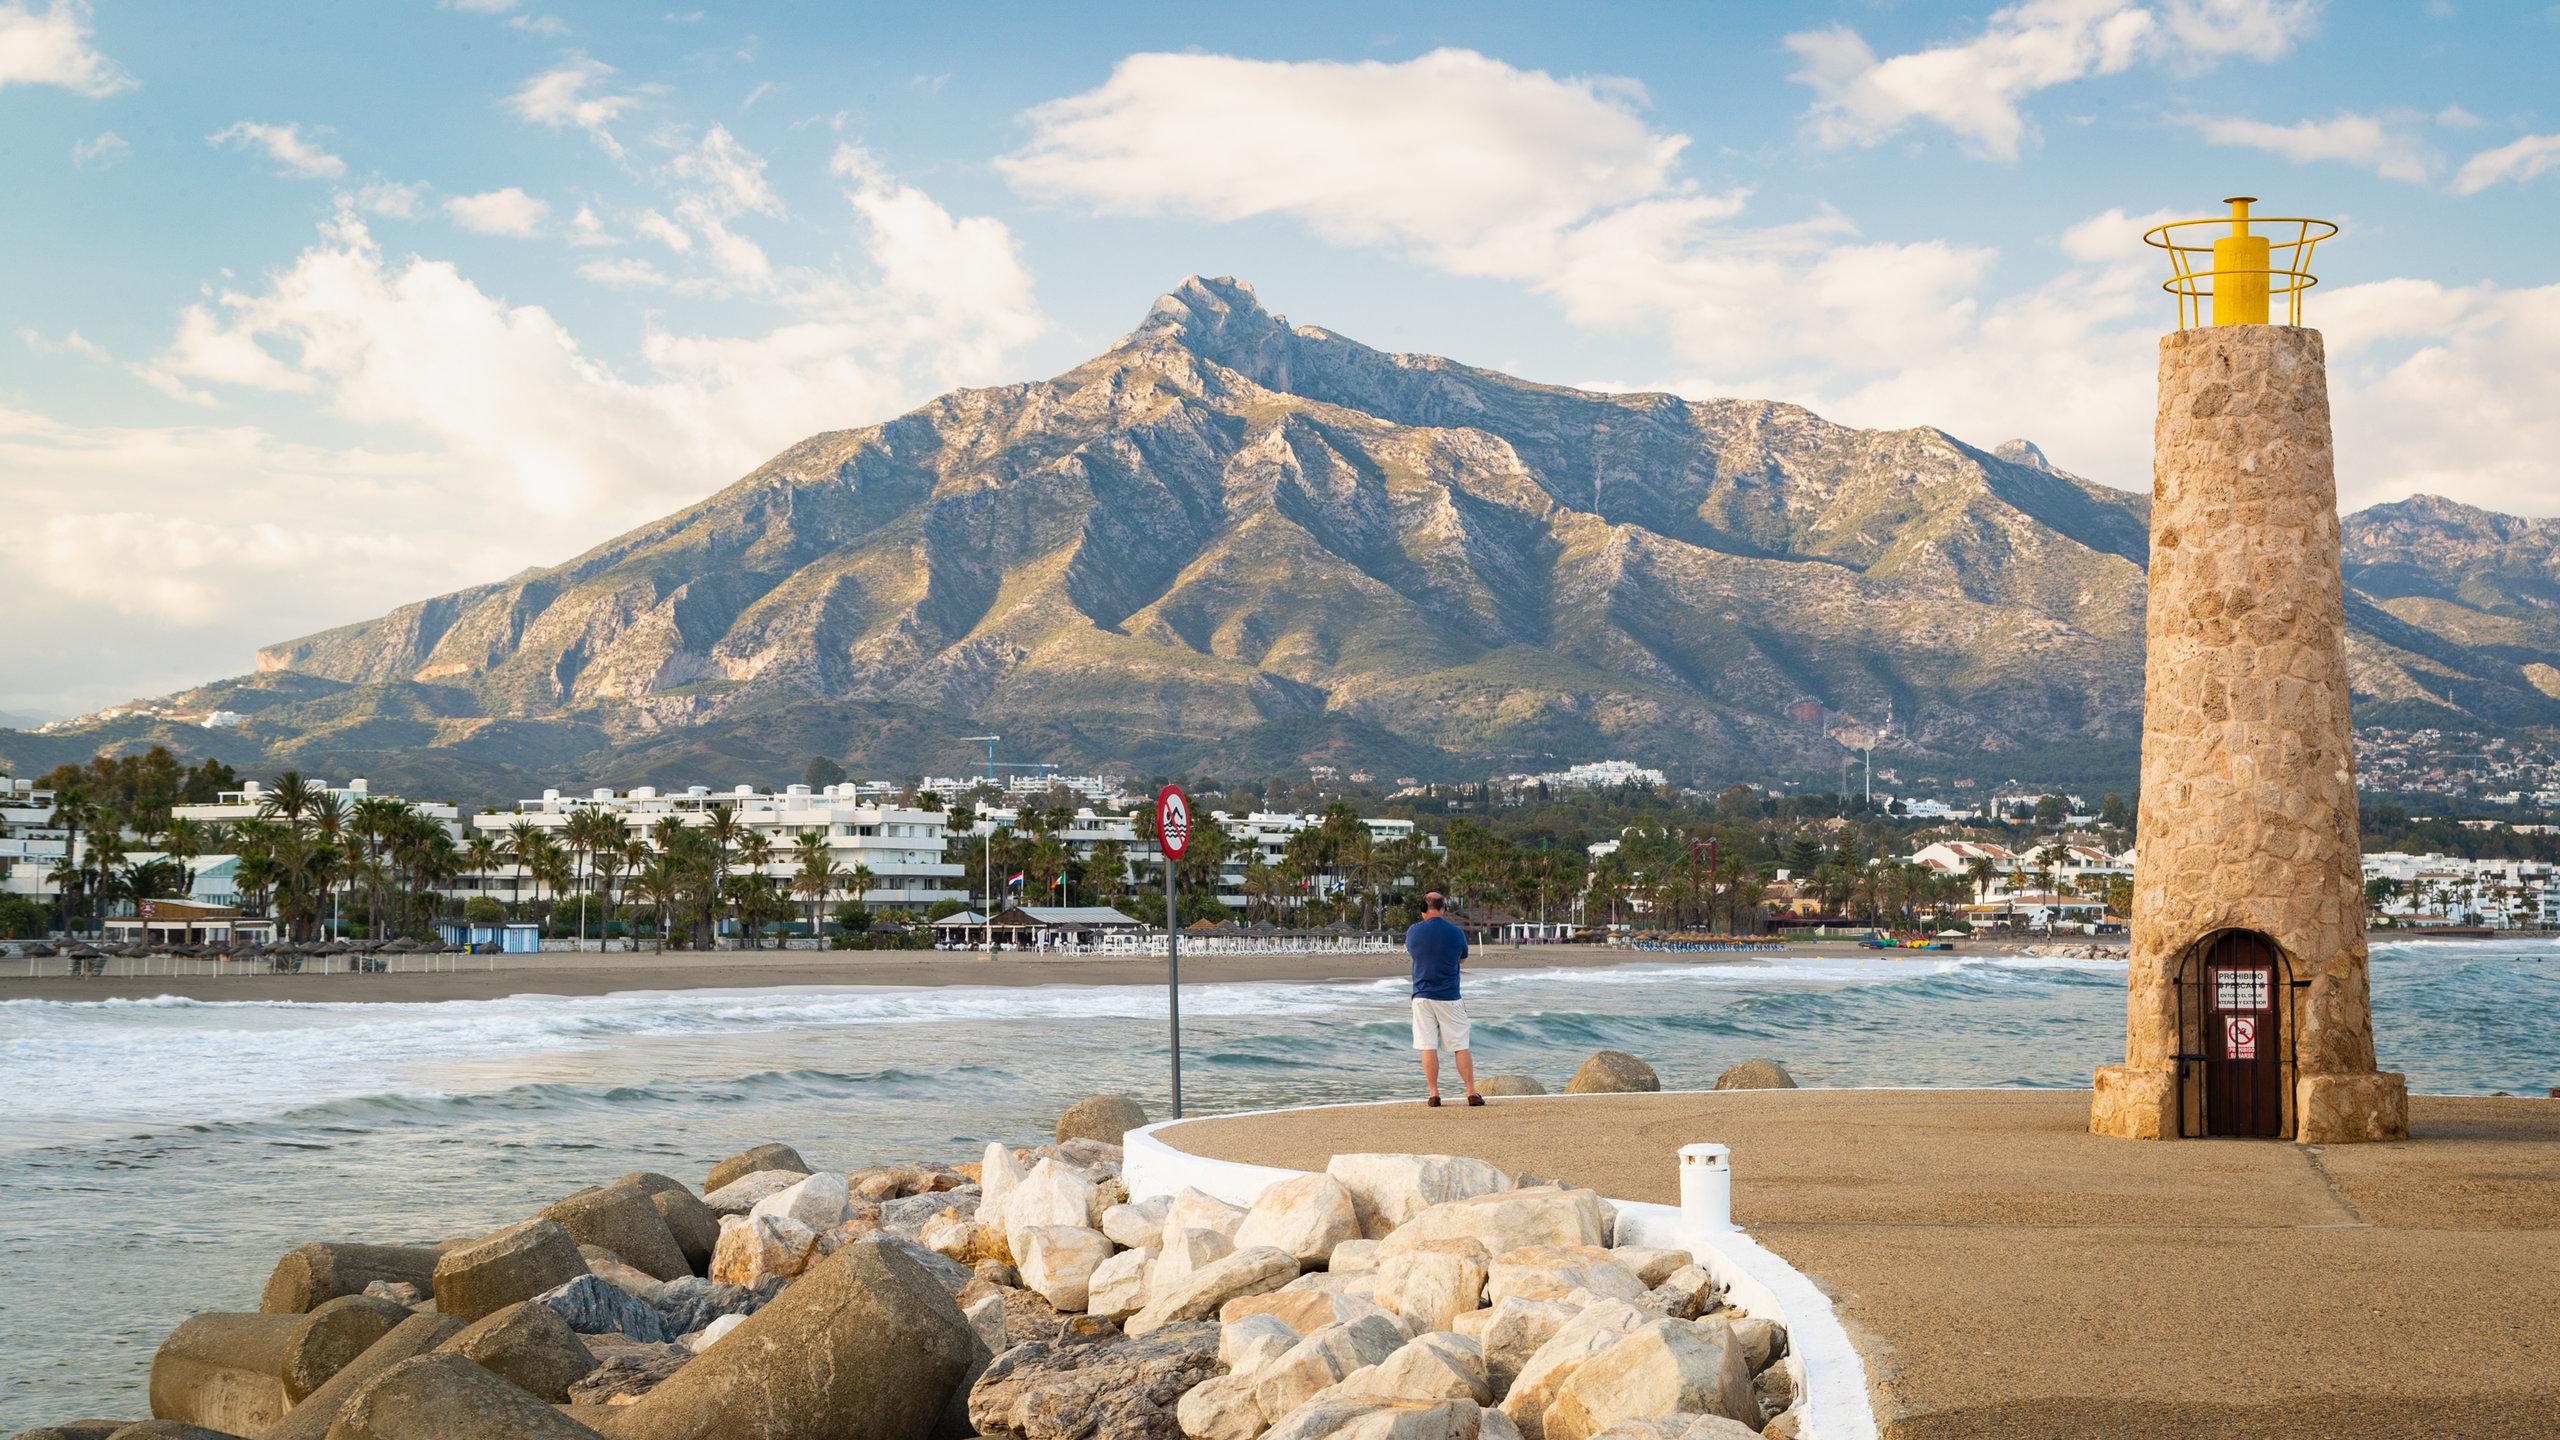 Spiaggia di Puerto Banus, Marbella, Spagna